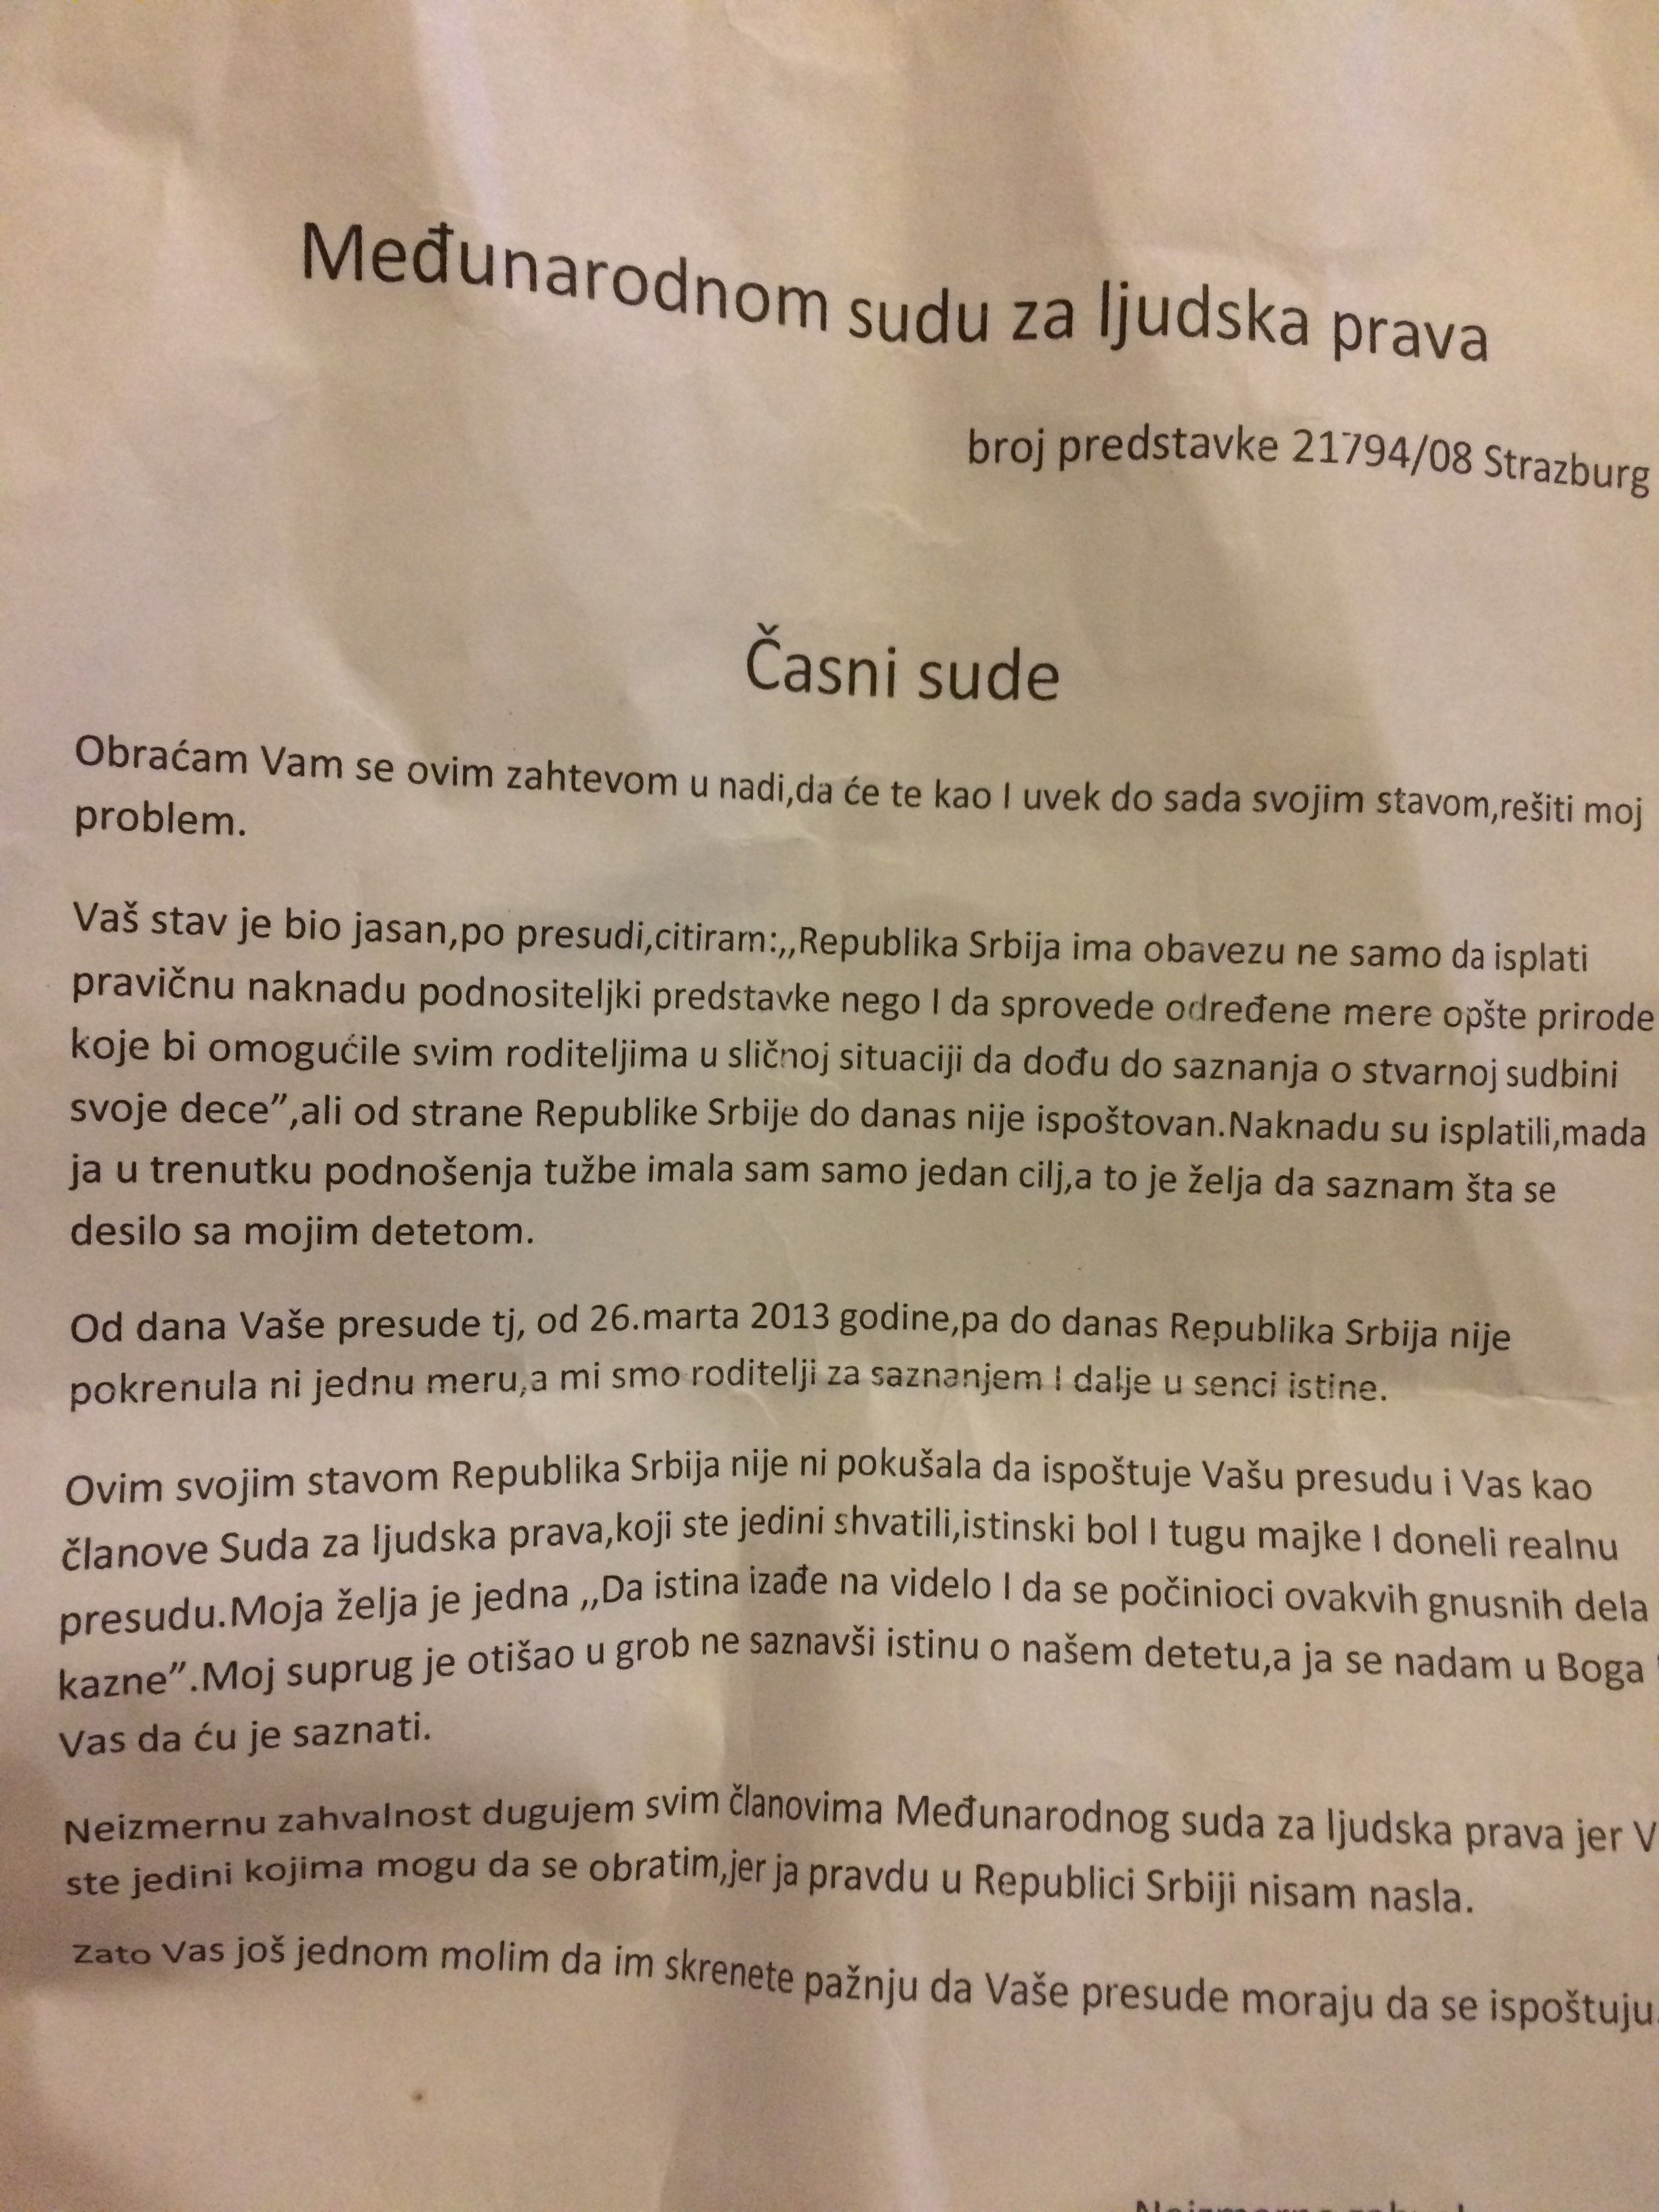 pismo Zorice Jovanović